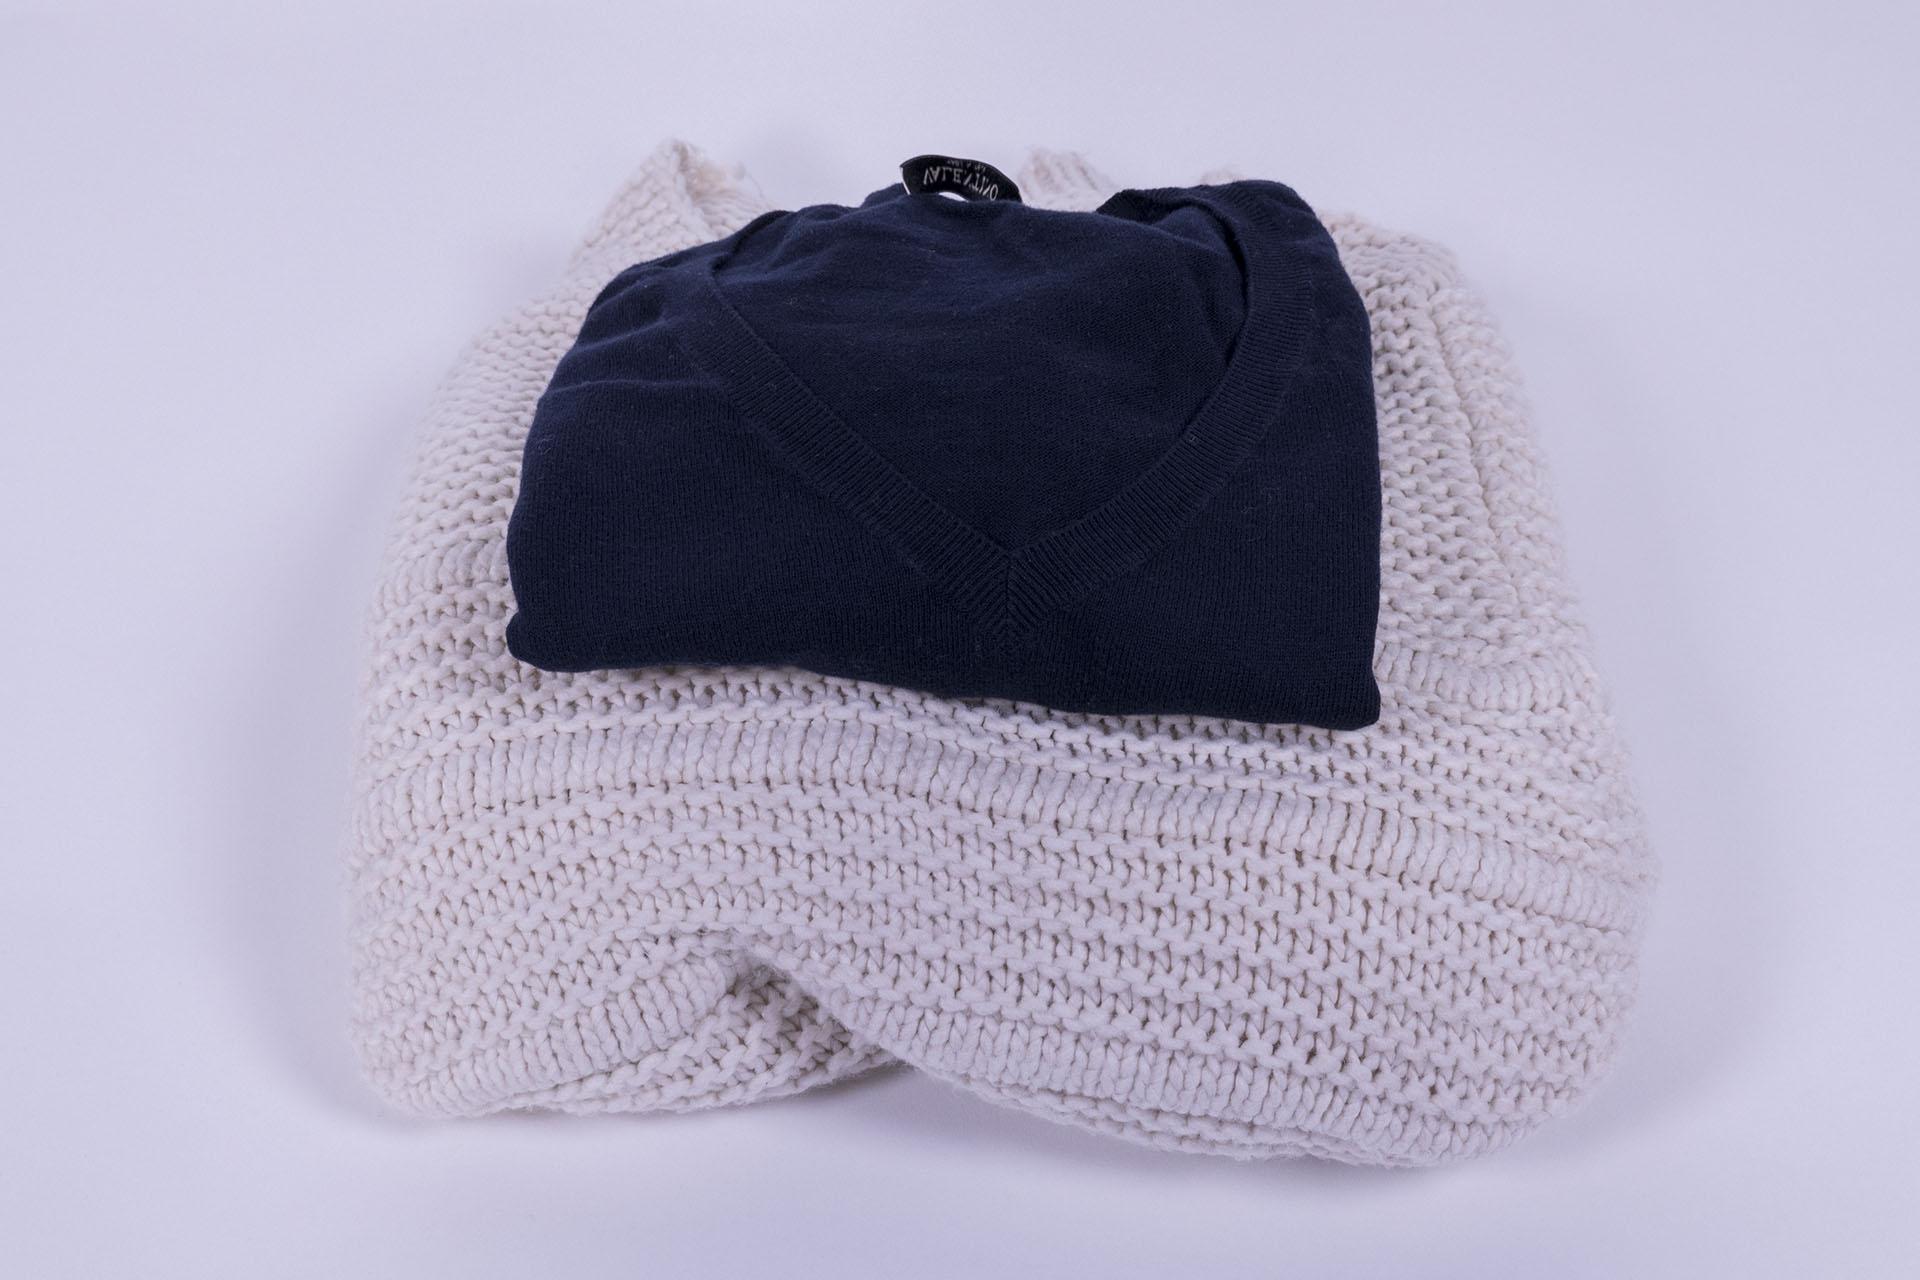 """Iată o comparație: un pulover de lână și unul de cașmir, ambelemărimea """"M""""."""